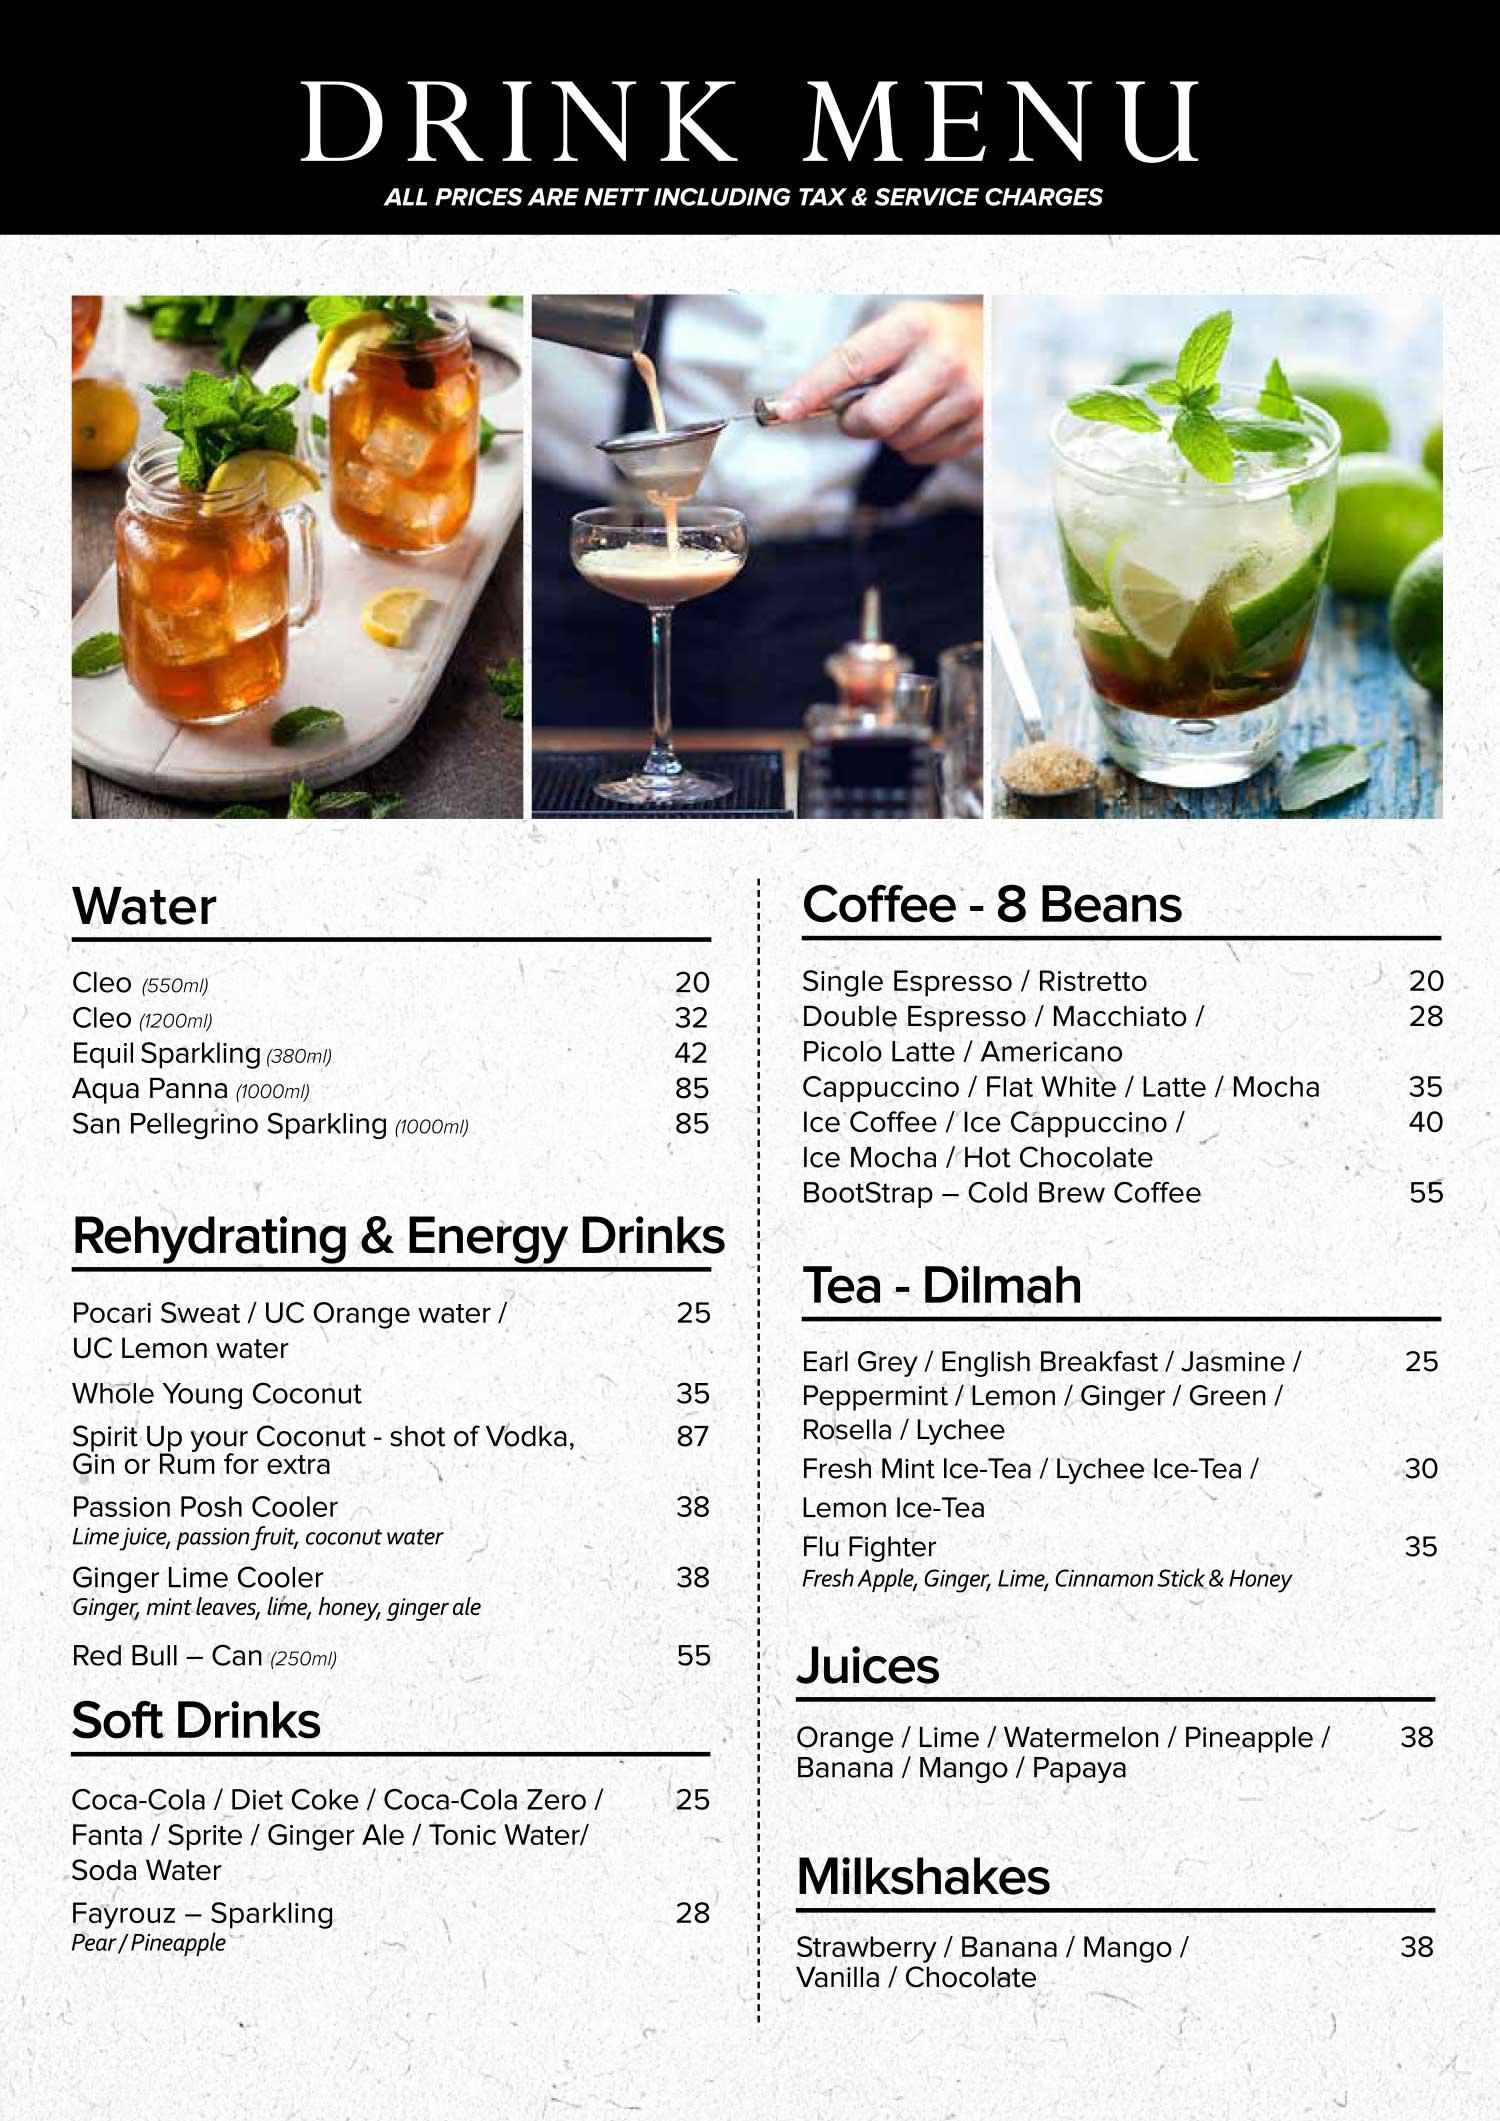 20170814-menu-drink-1